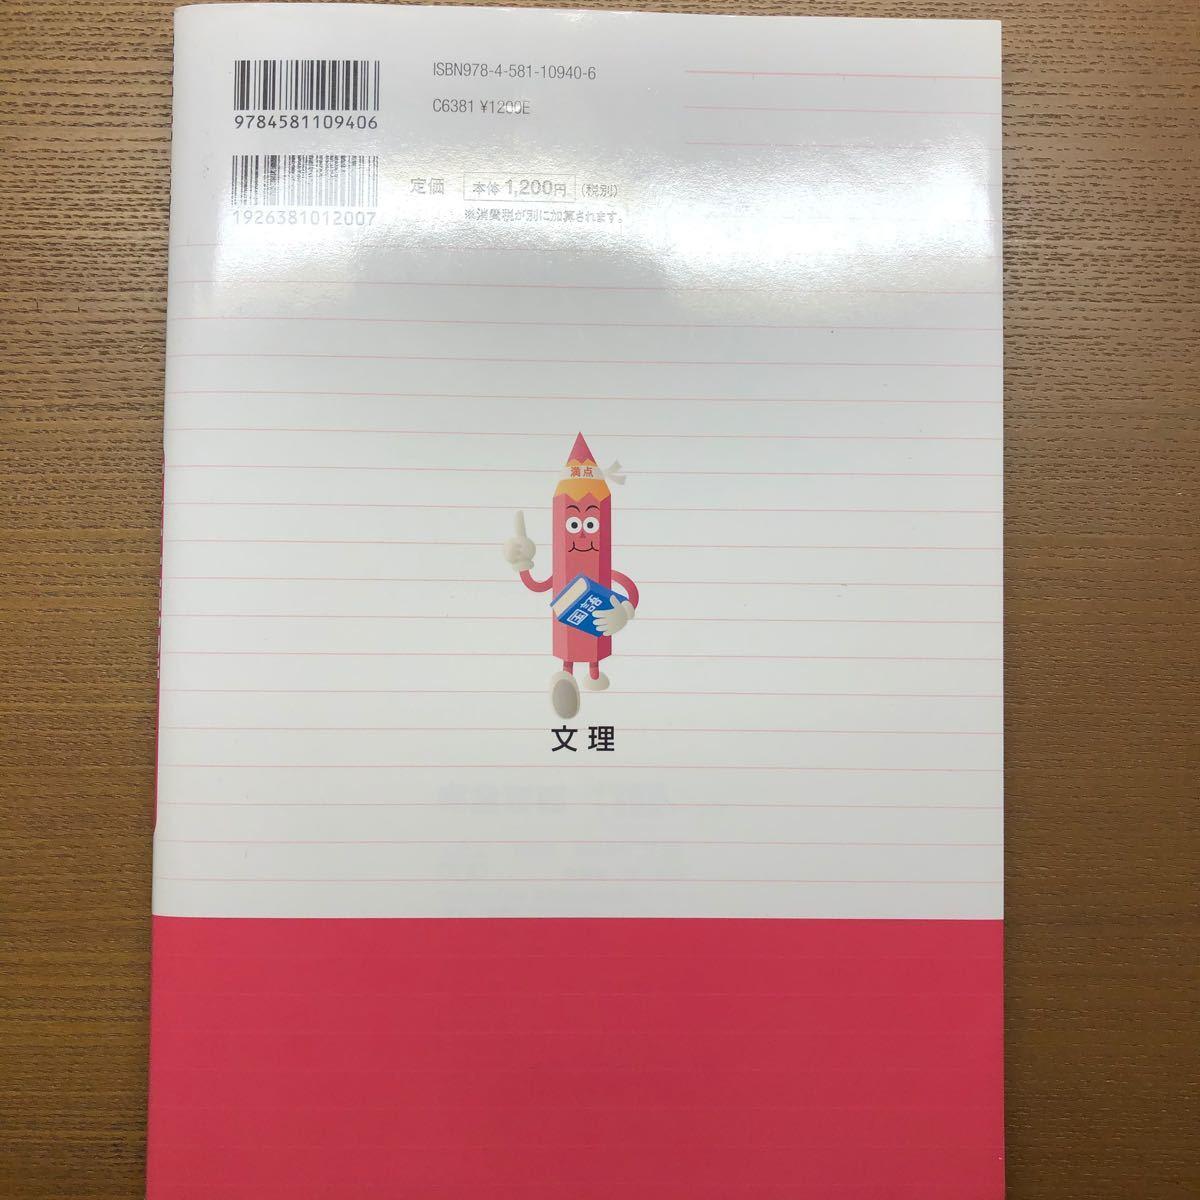 中学国語文章読解1〜3年完全攻略 テスト対策  /文理 (単行本) 中古